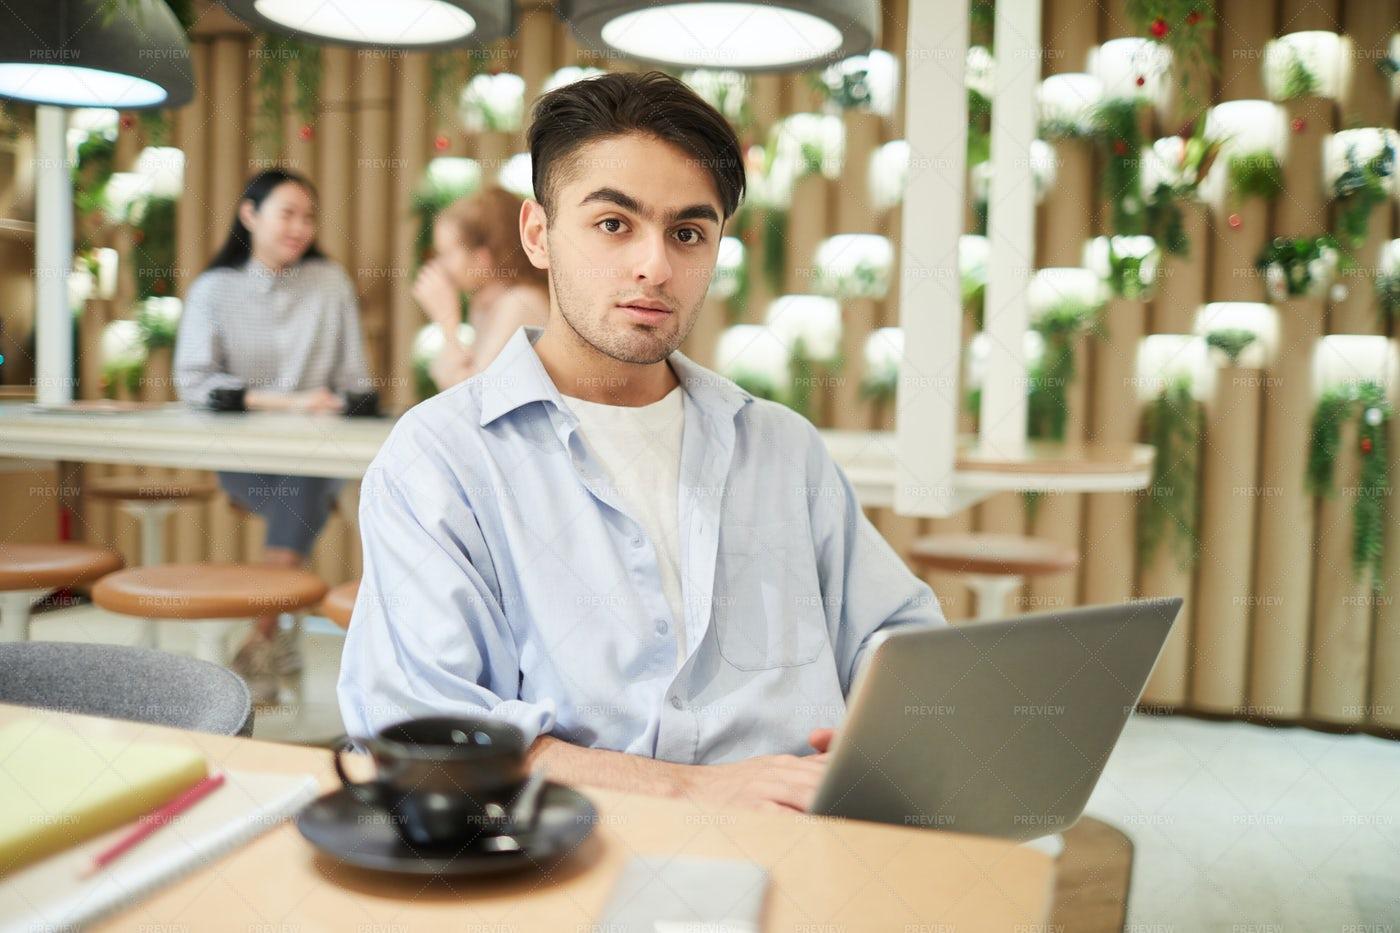 Mixed-Race Young Man Using Laptop...: Stock Photos